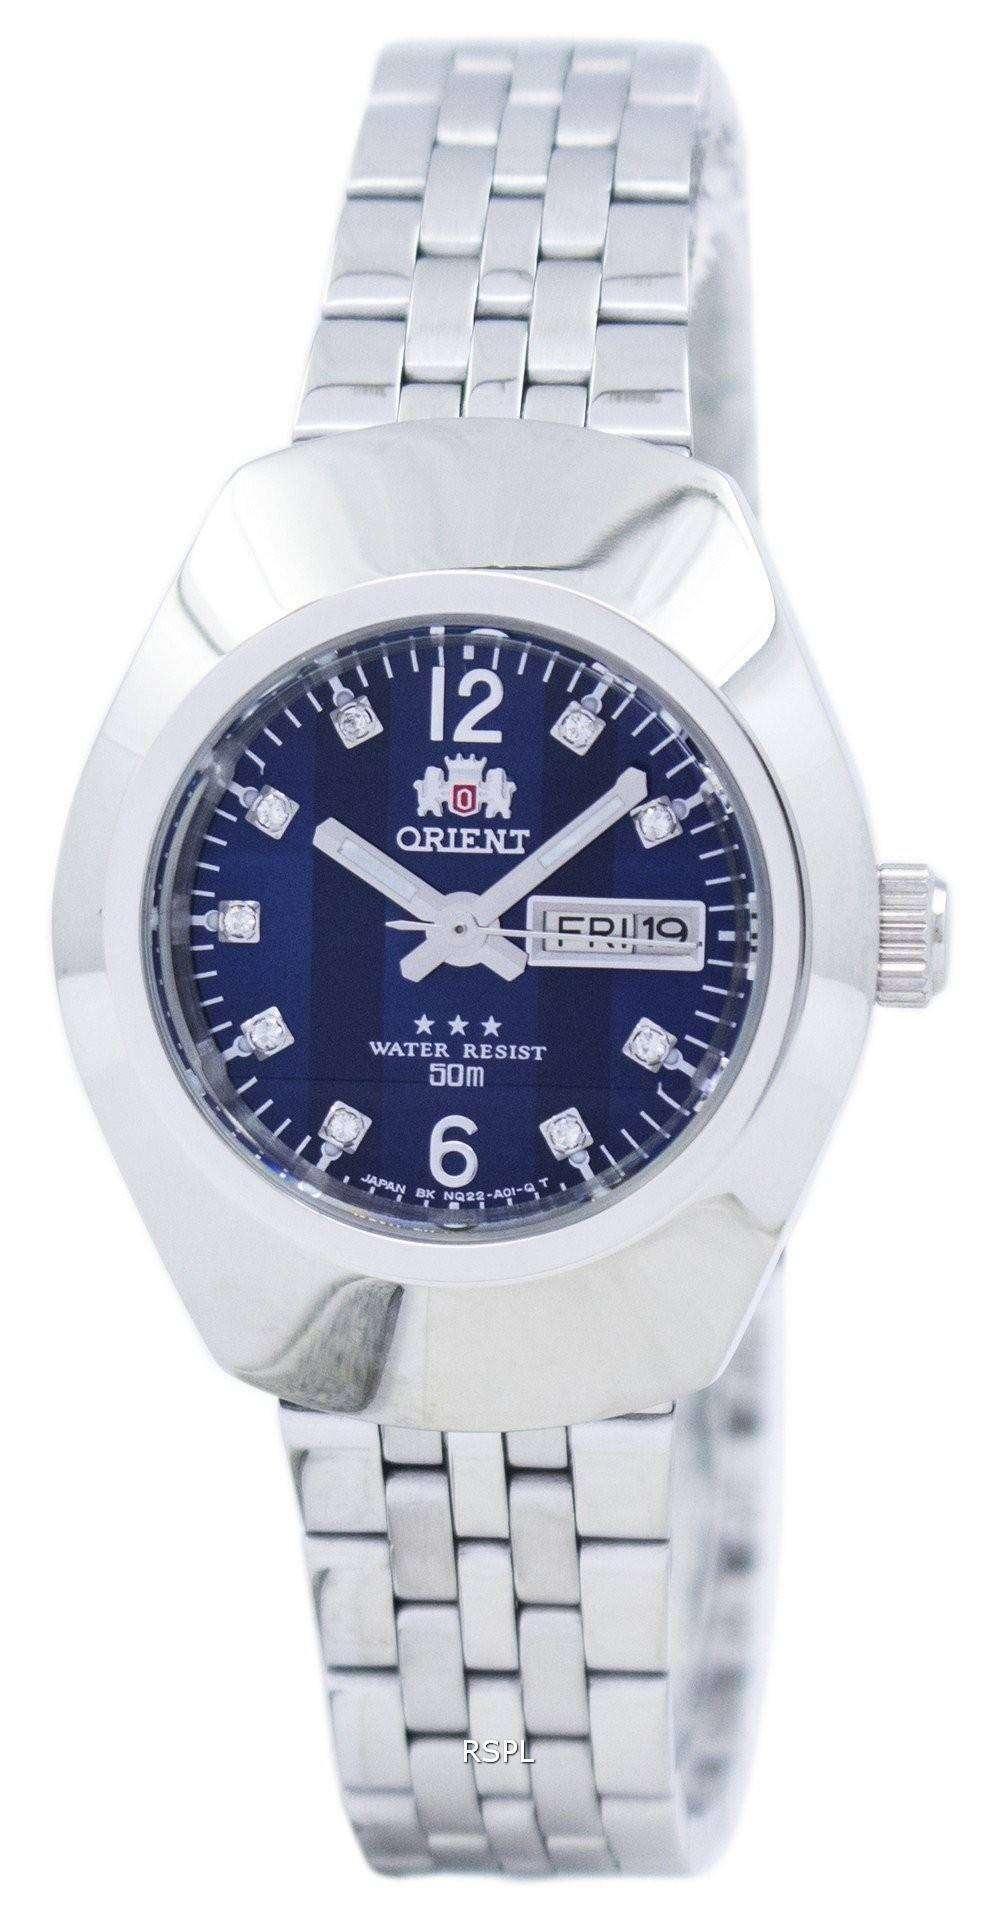 ダイヤモンド アクセント SNQ22004D8 レディース腕時計 orient 自動日本